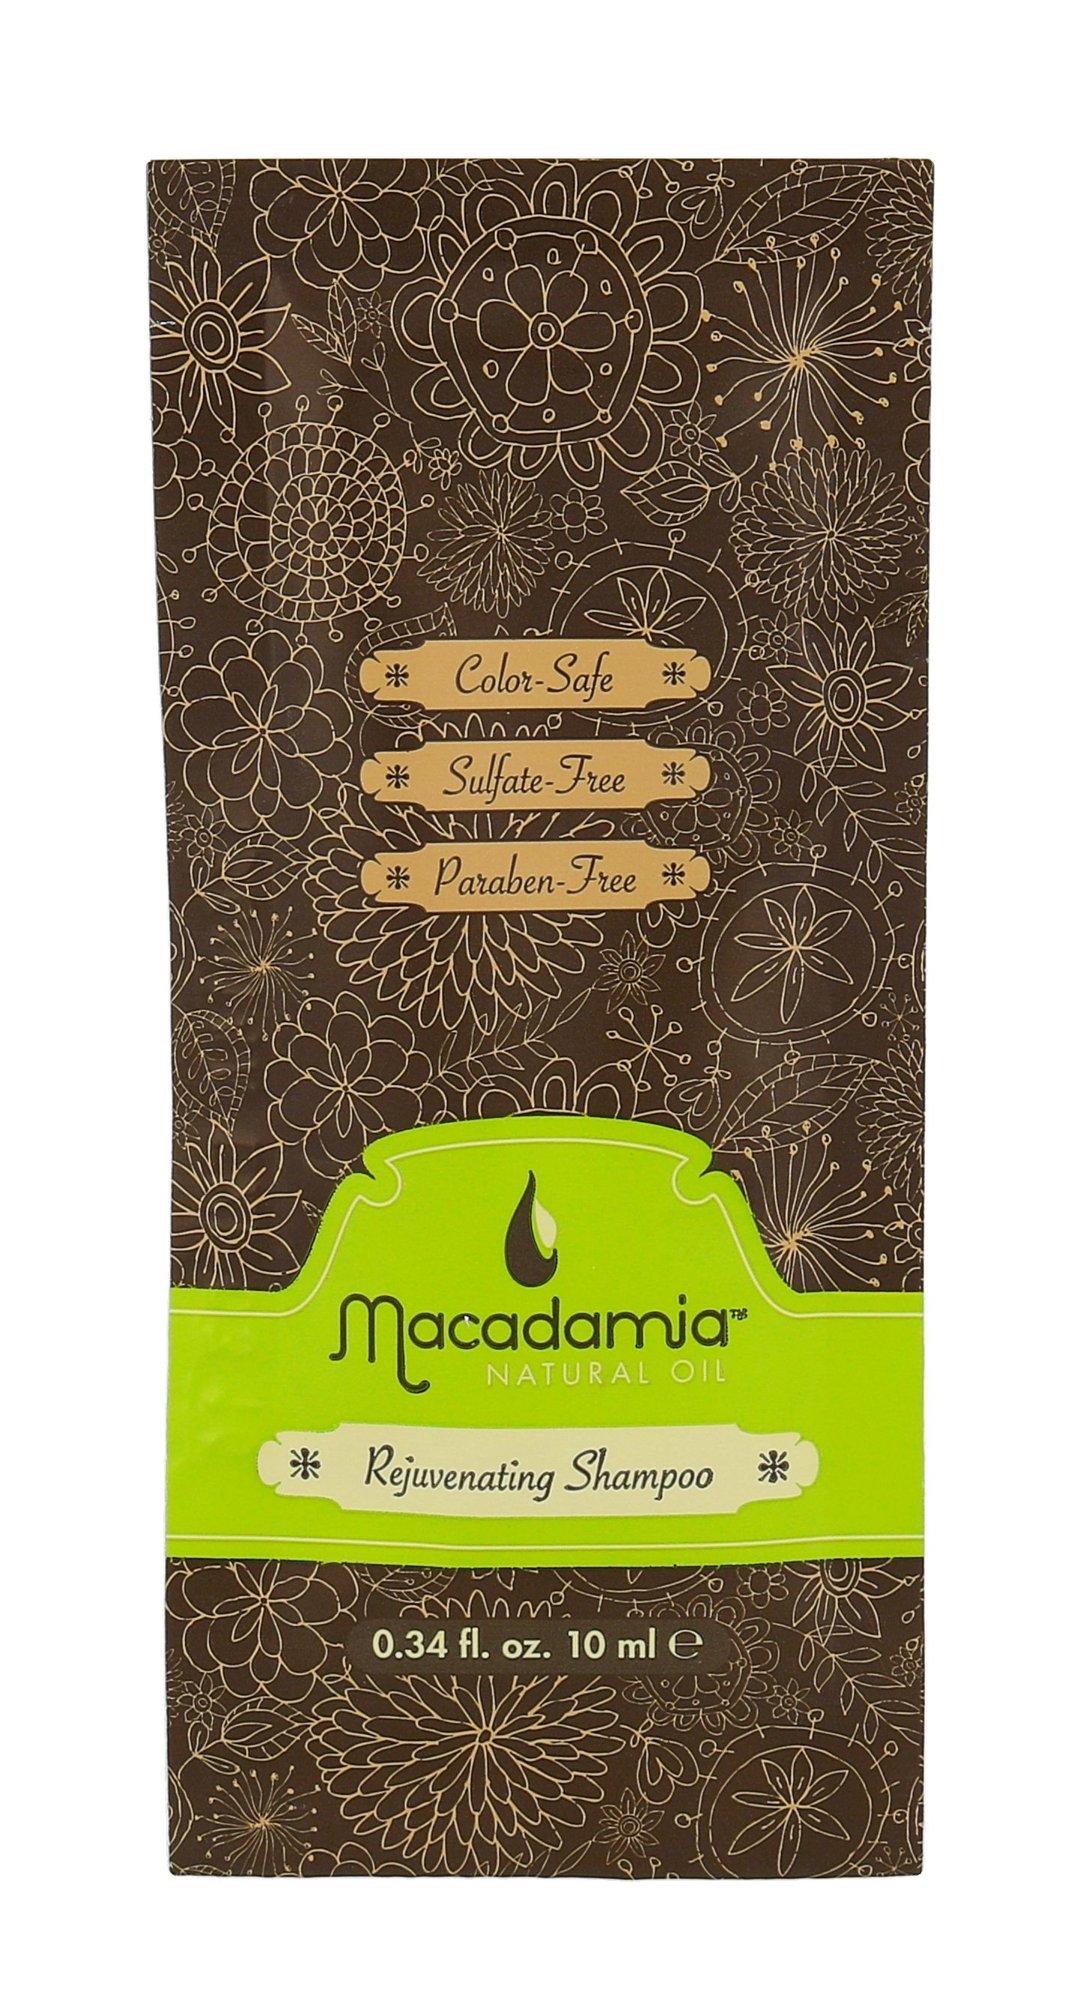 Macadamia Rejuvenating Shampoo Dry Hair Cosmetic 10ml